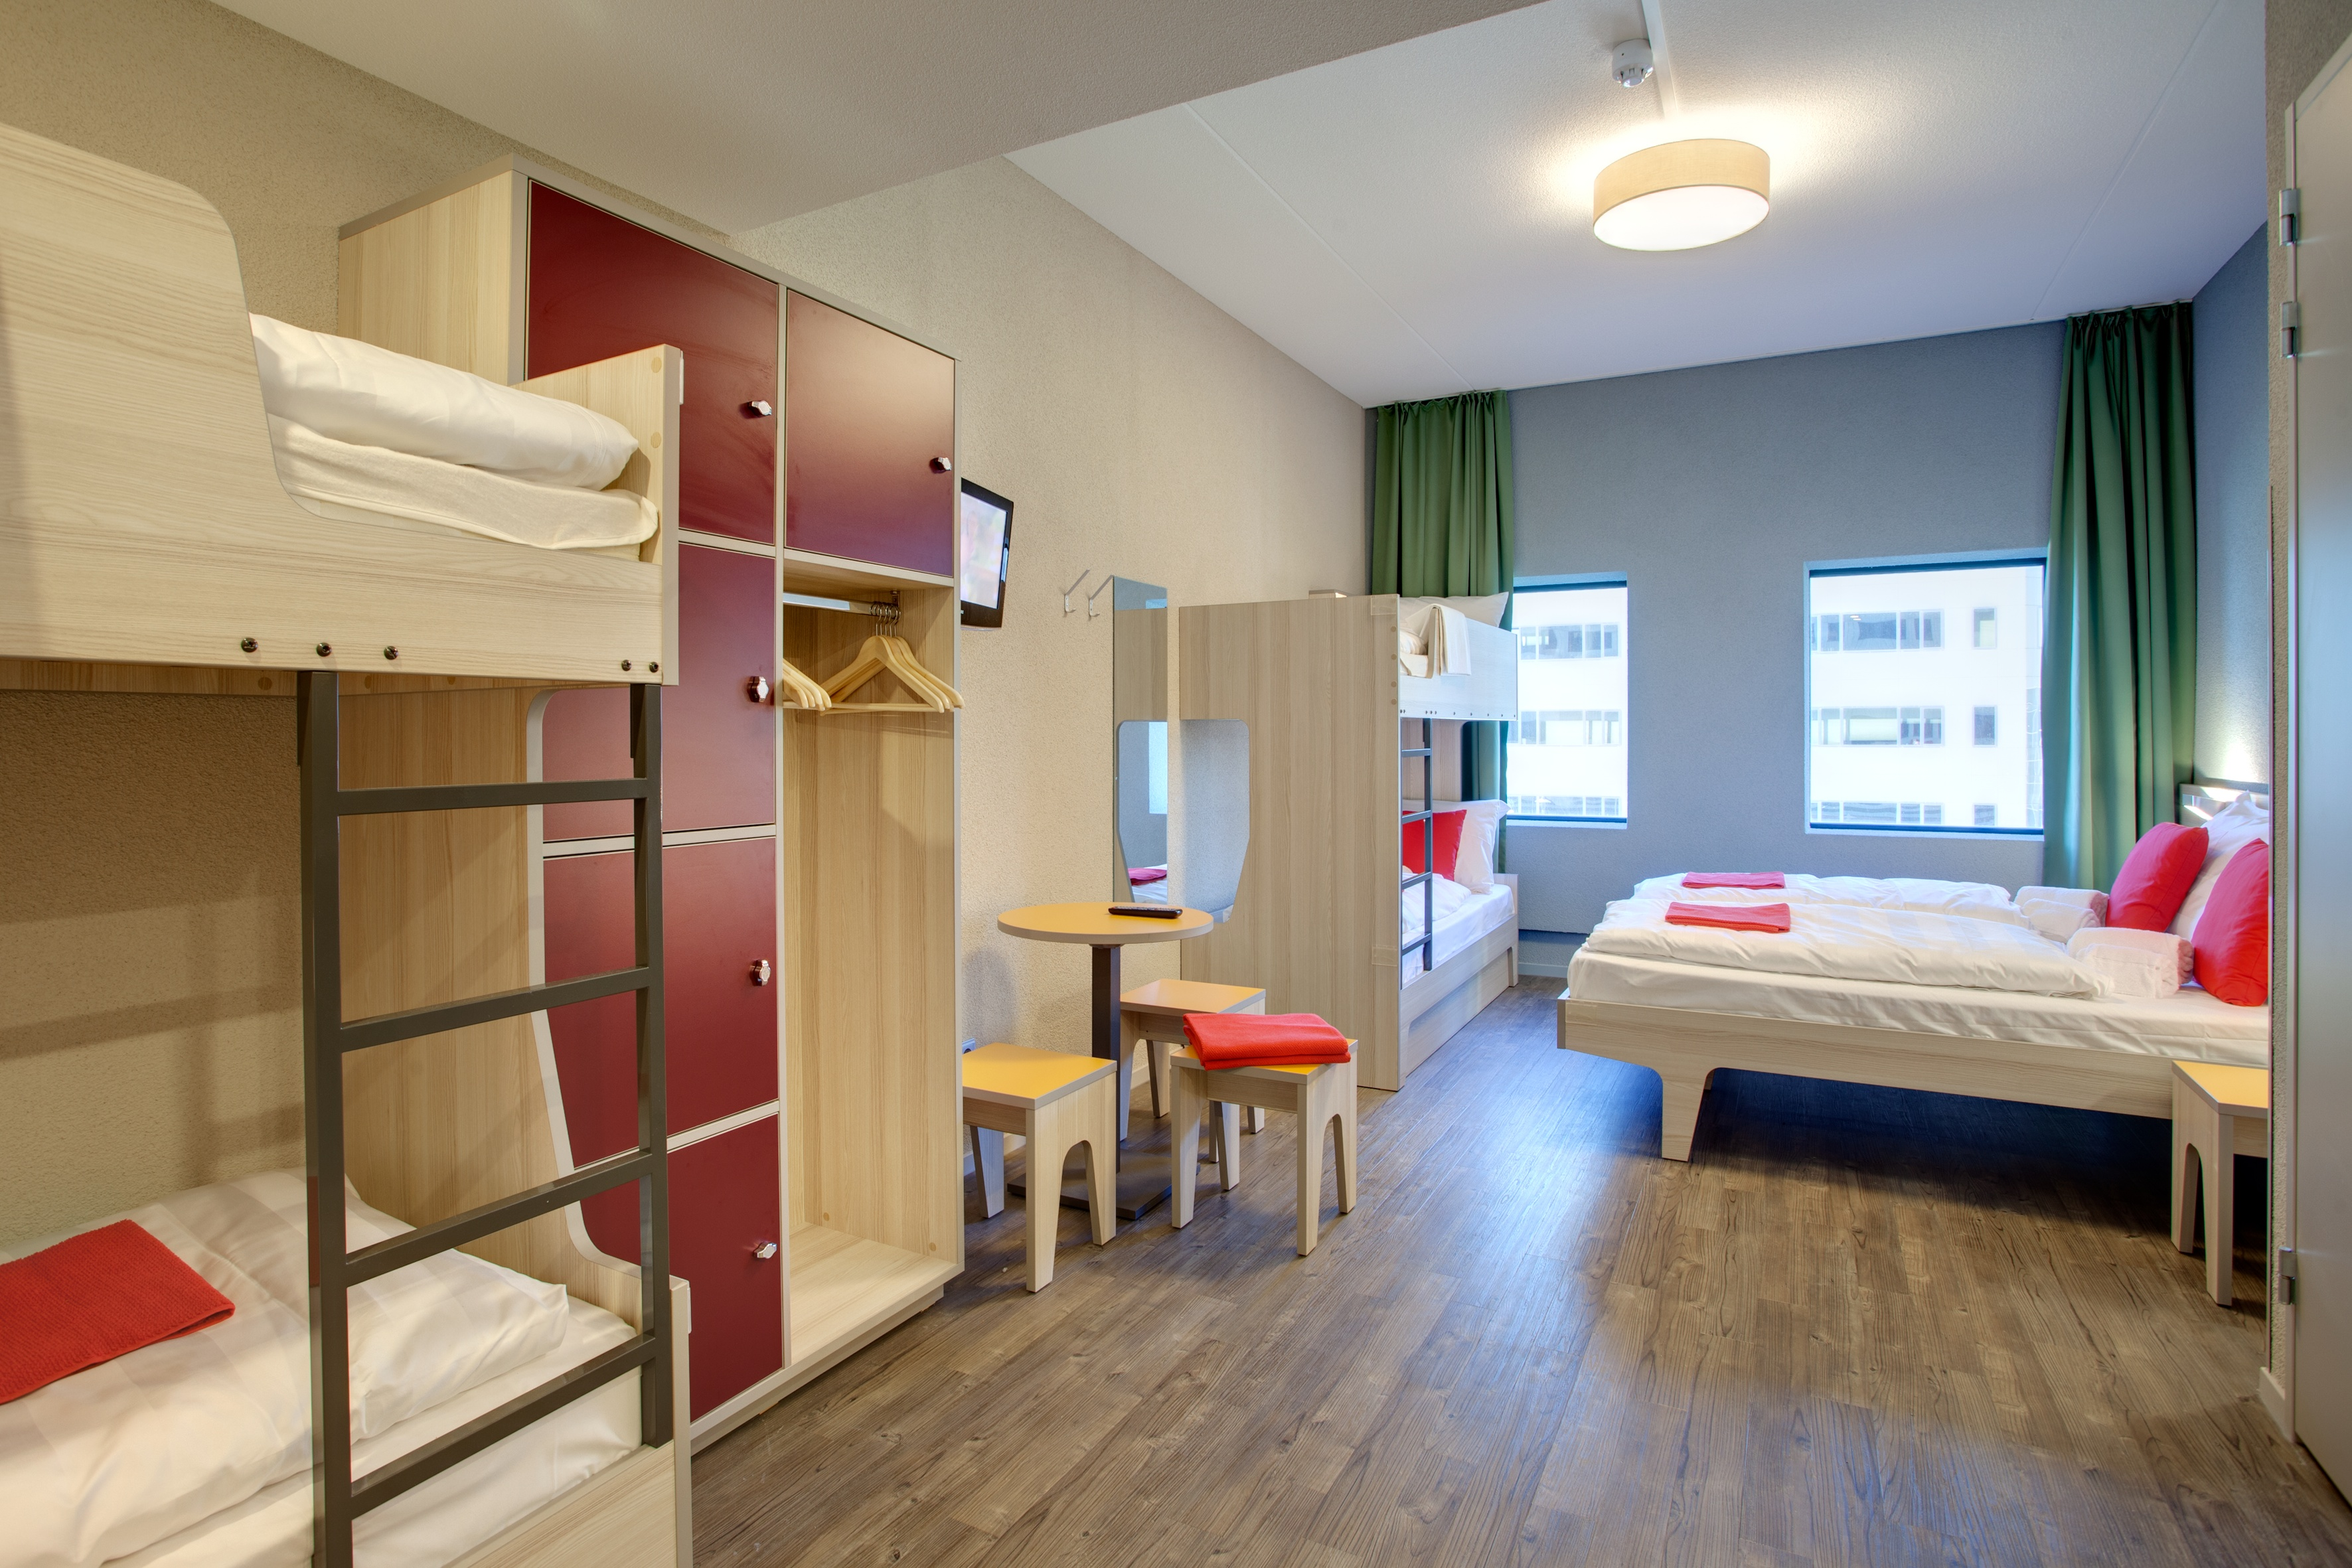 MEININGER Hotel Amsterdam City West - Meerpersoonskamer